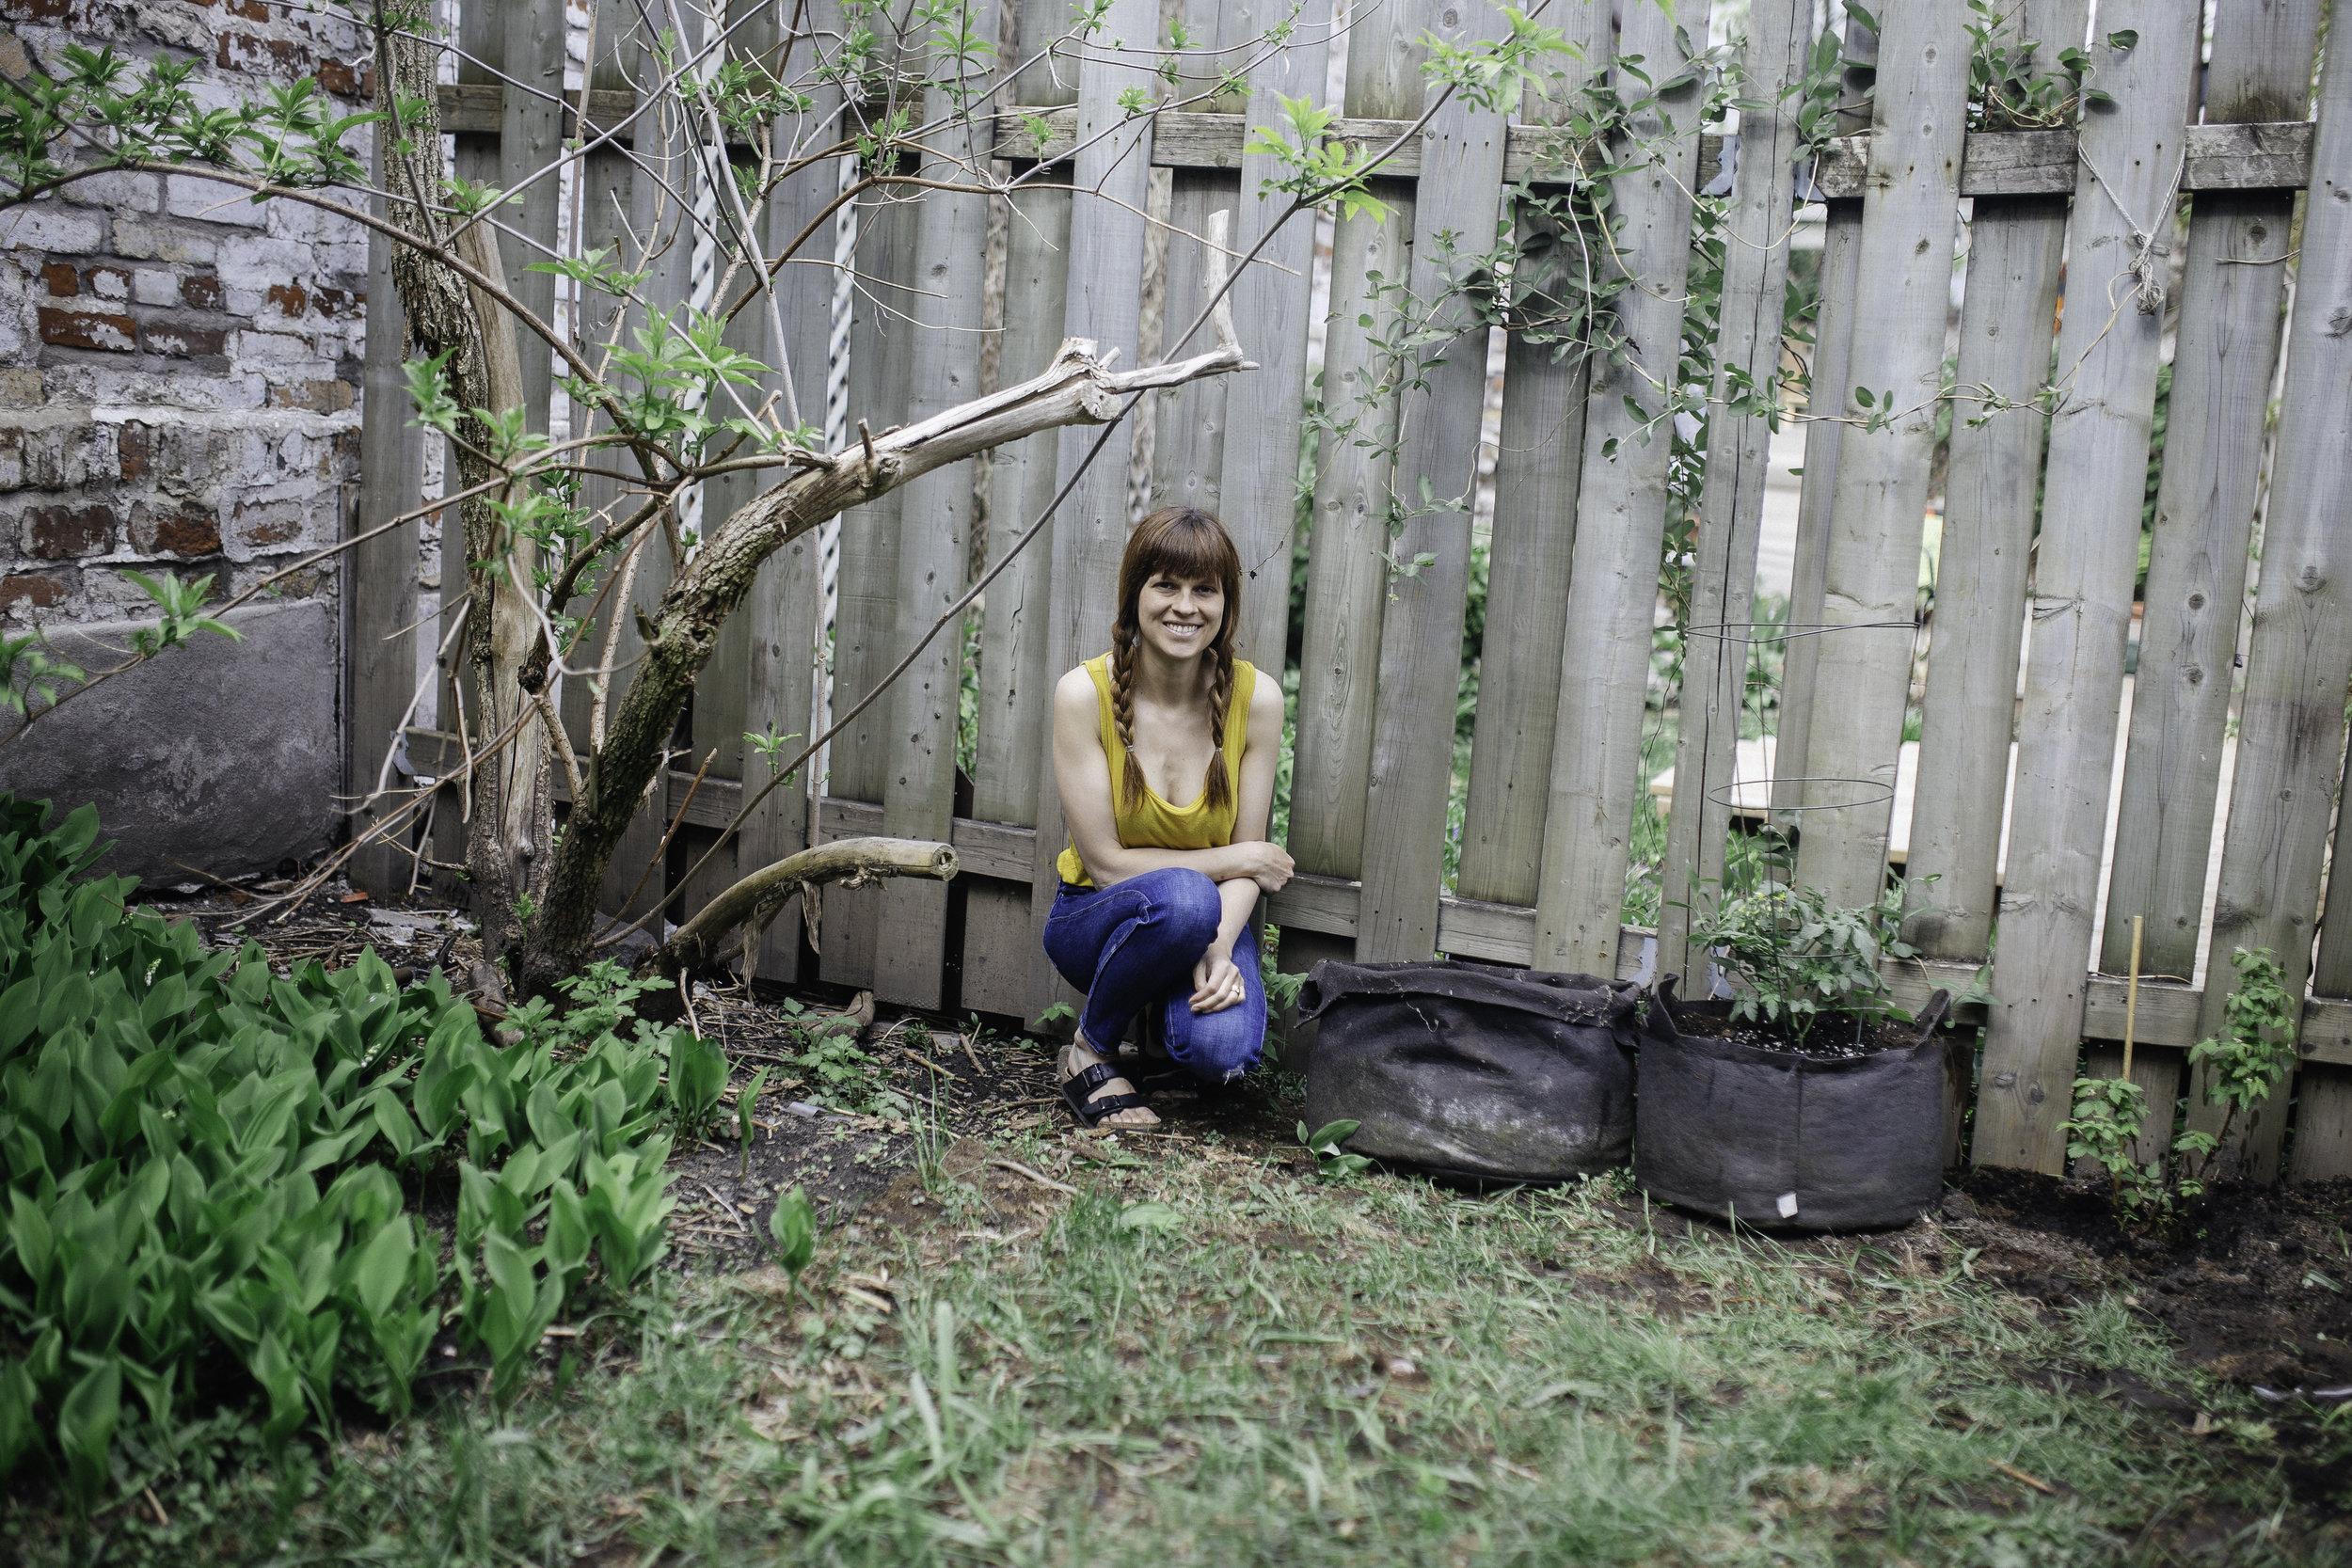 Quand Paul prend des photos de moi pendant qu'on plante nos légumes dans notre mini potager urbain <3